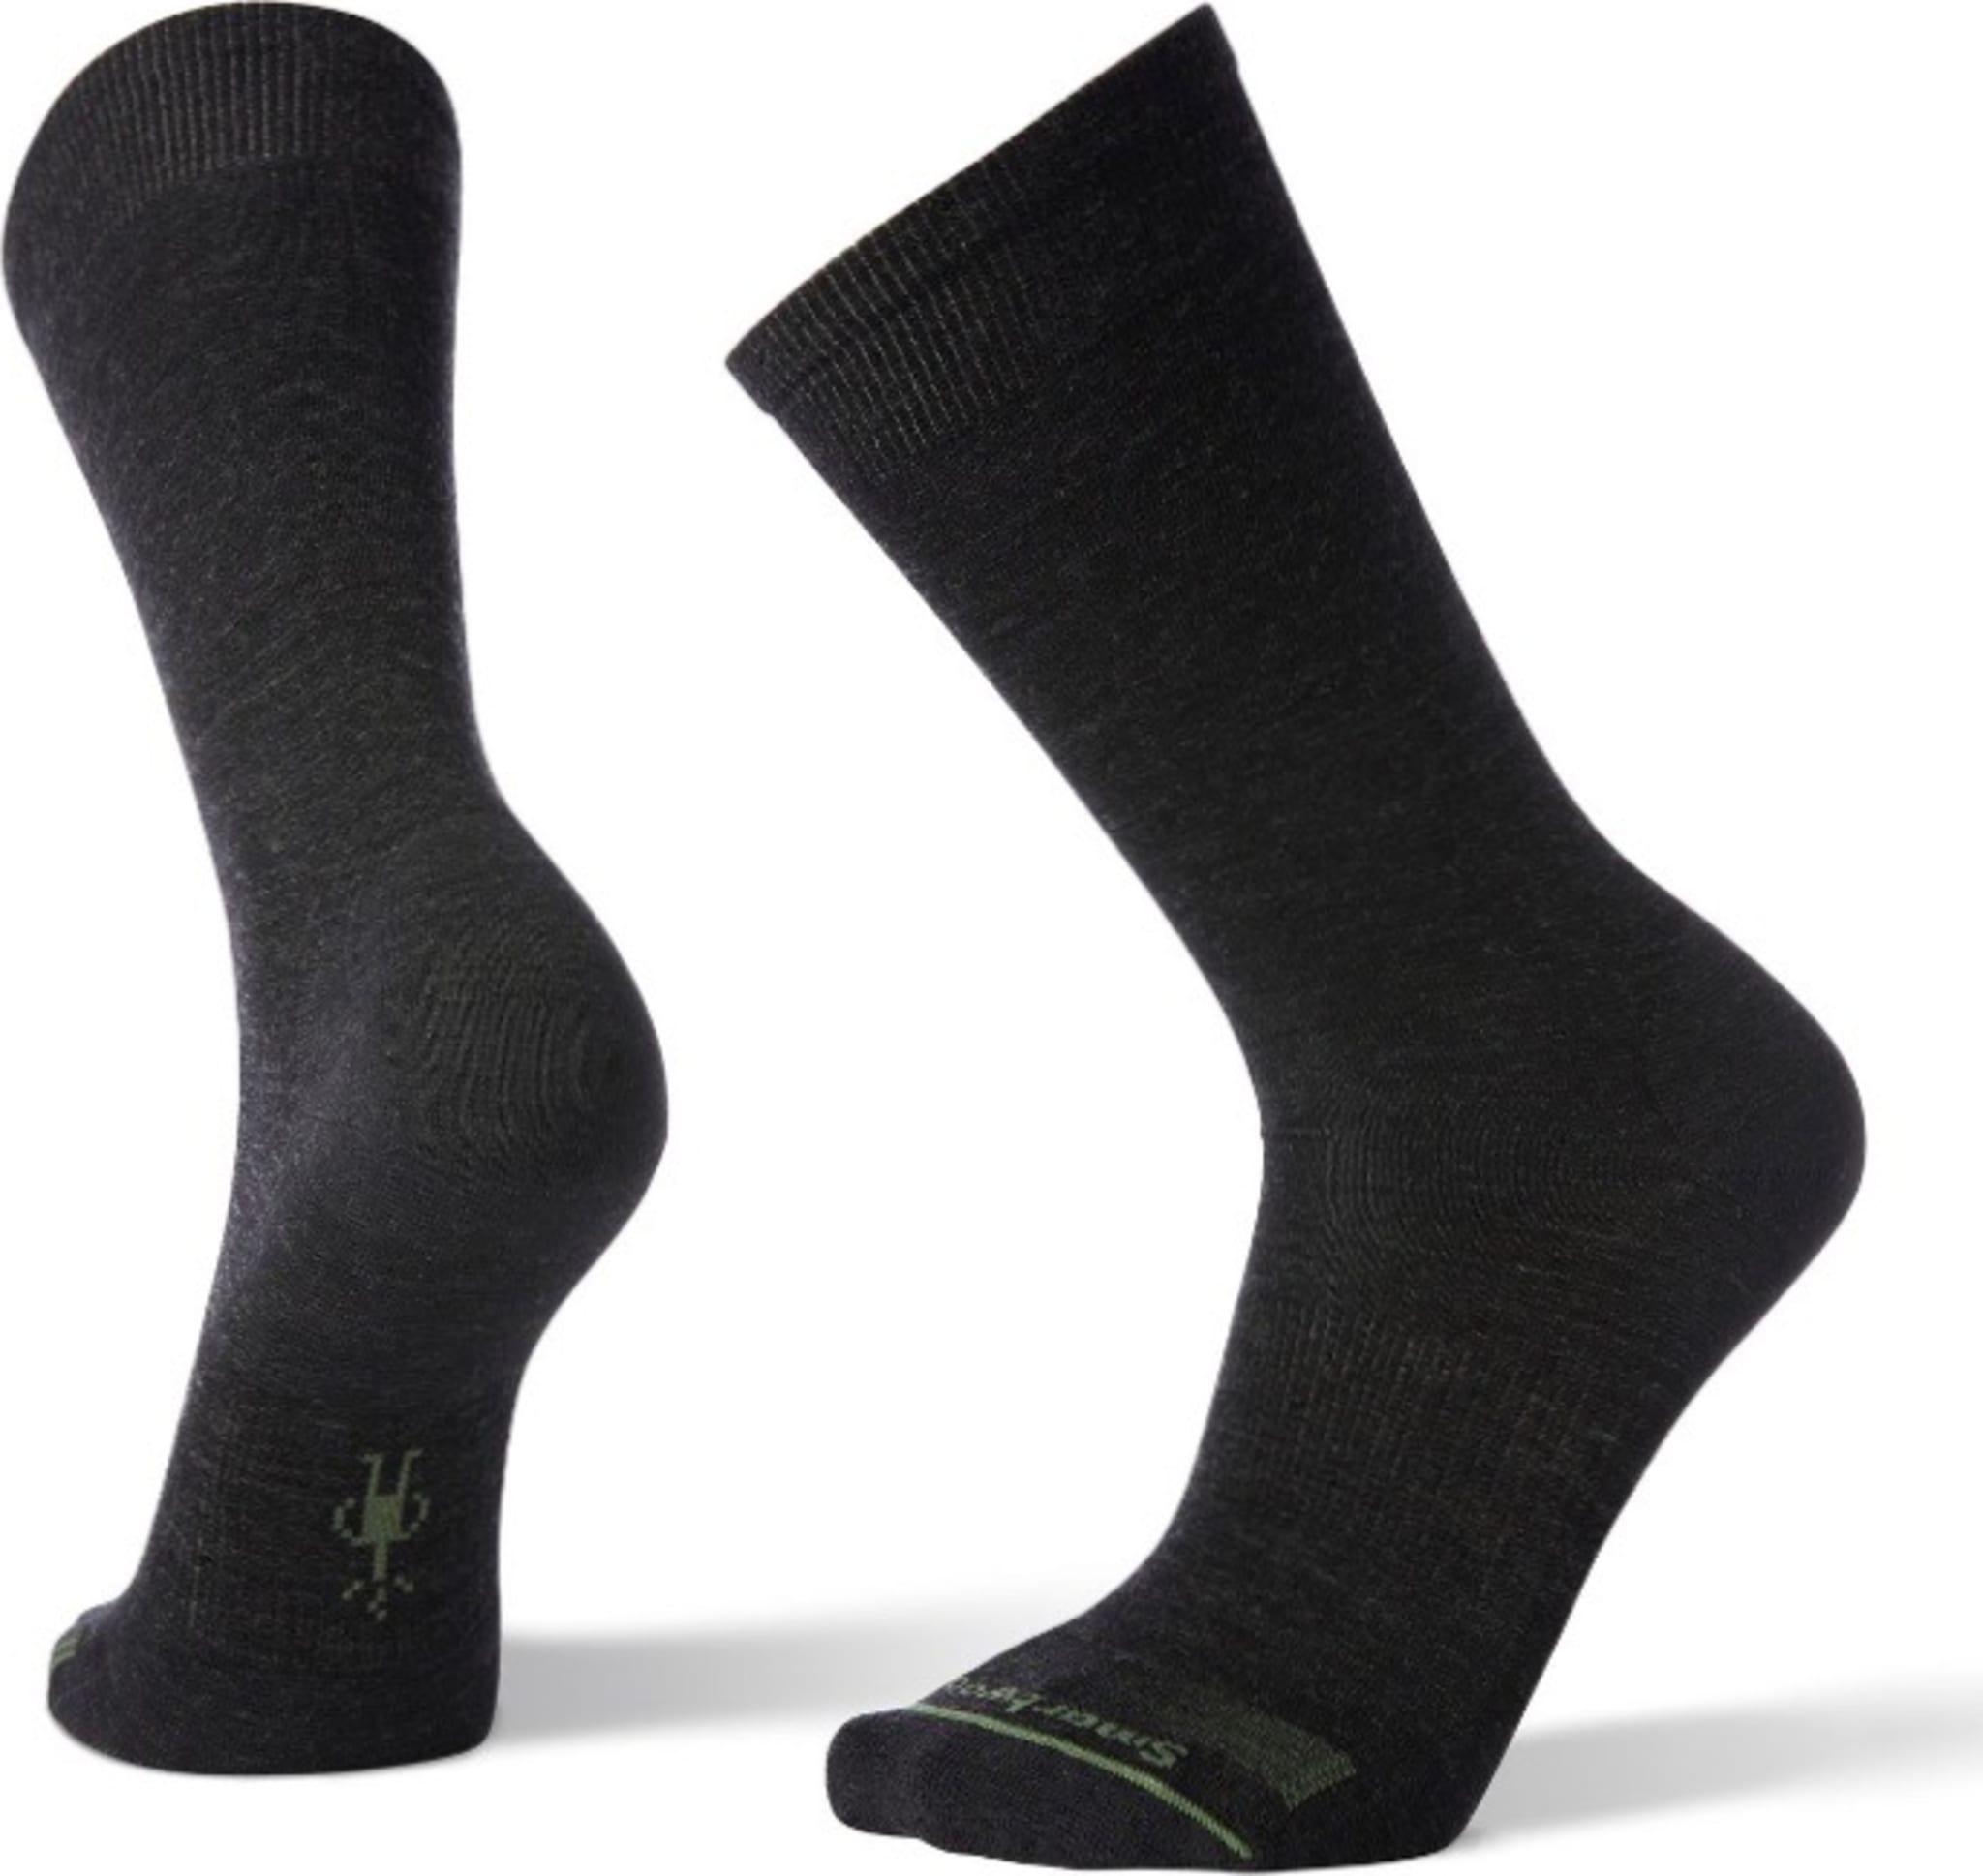 Sokker som passer like bra til dressen som i løpeskoene